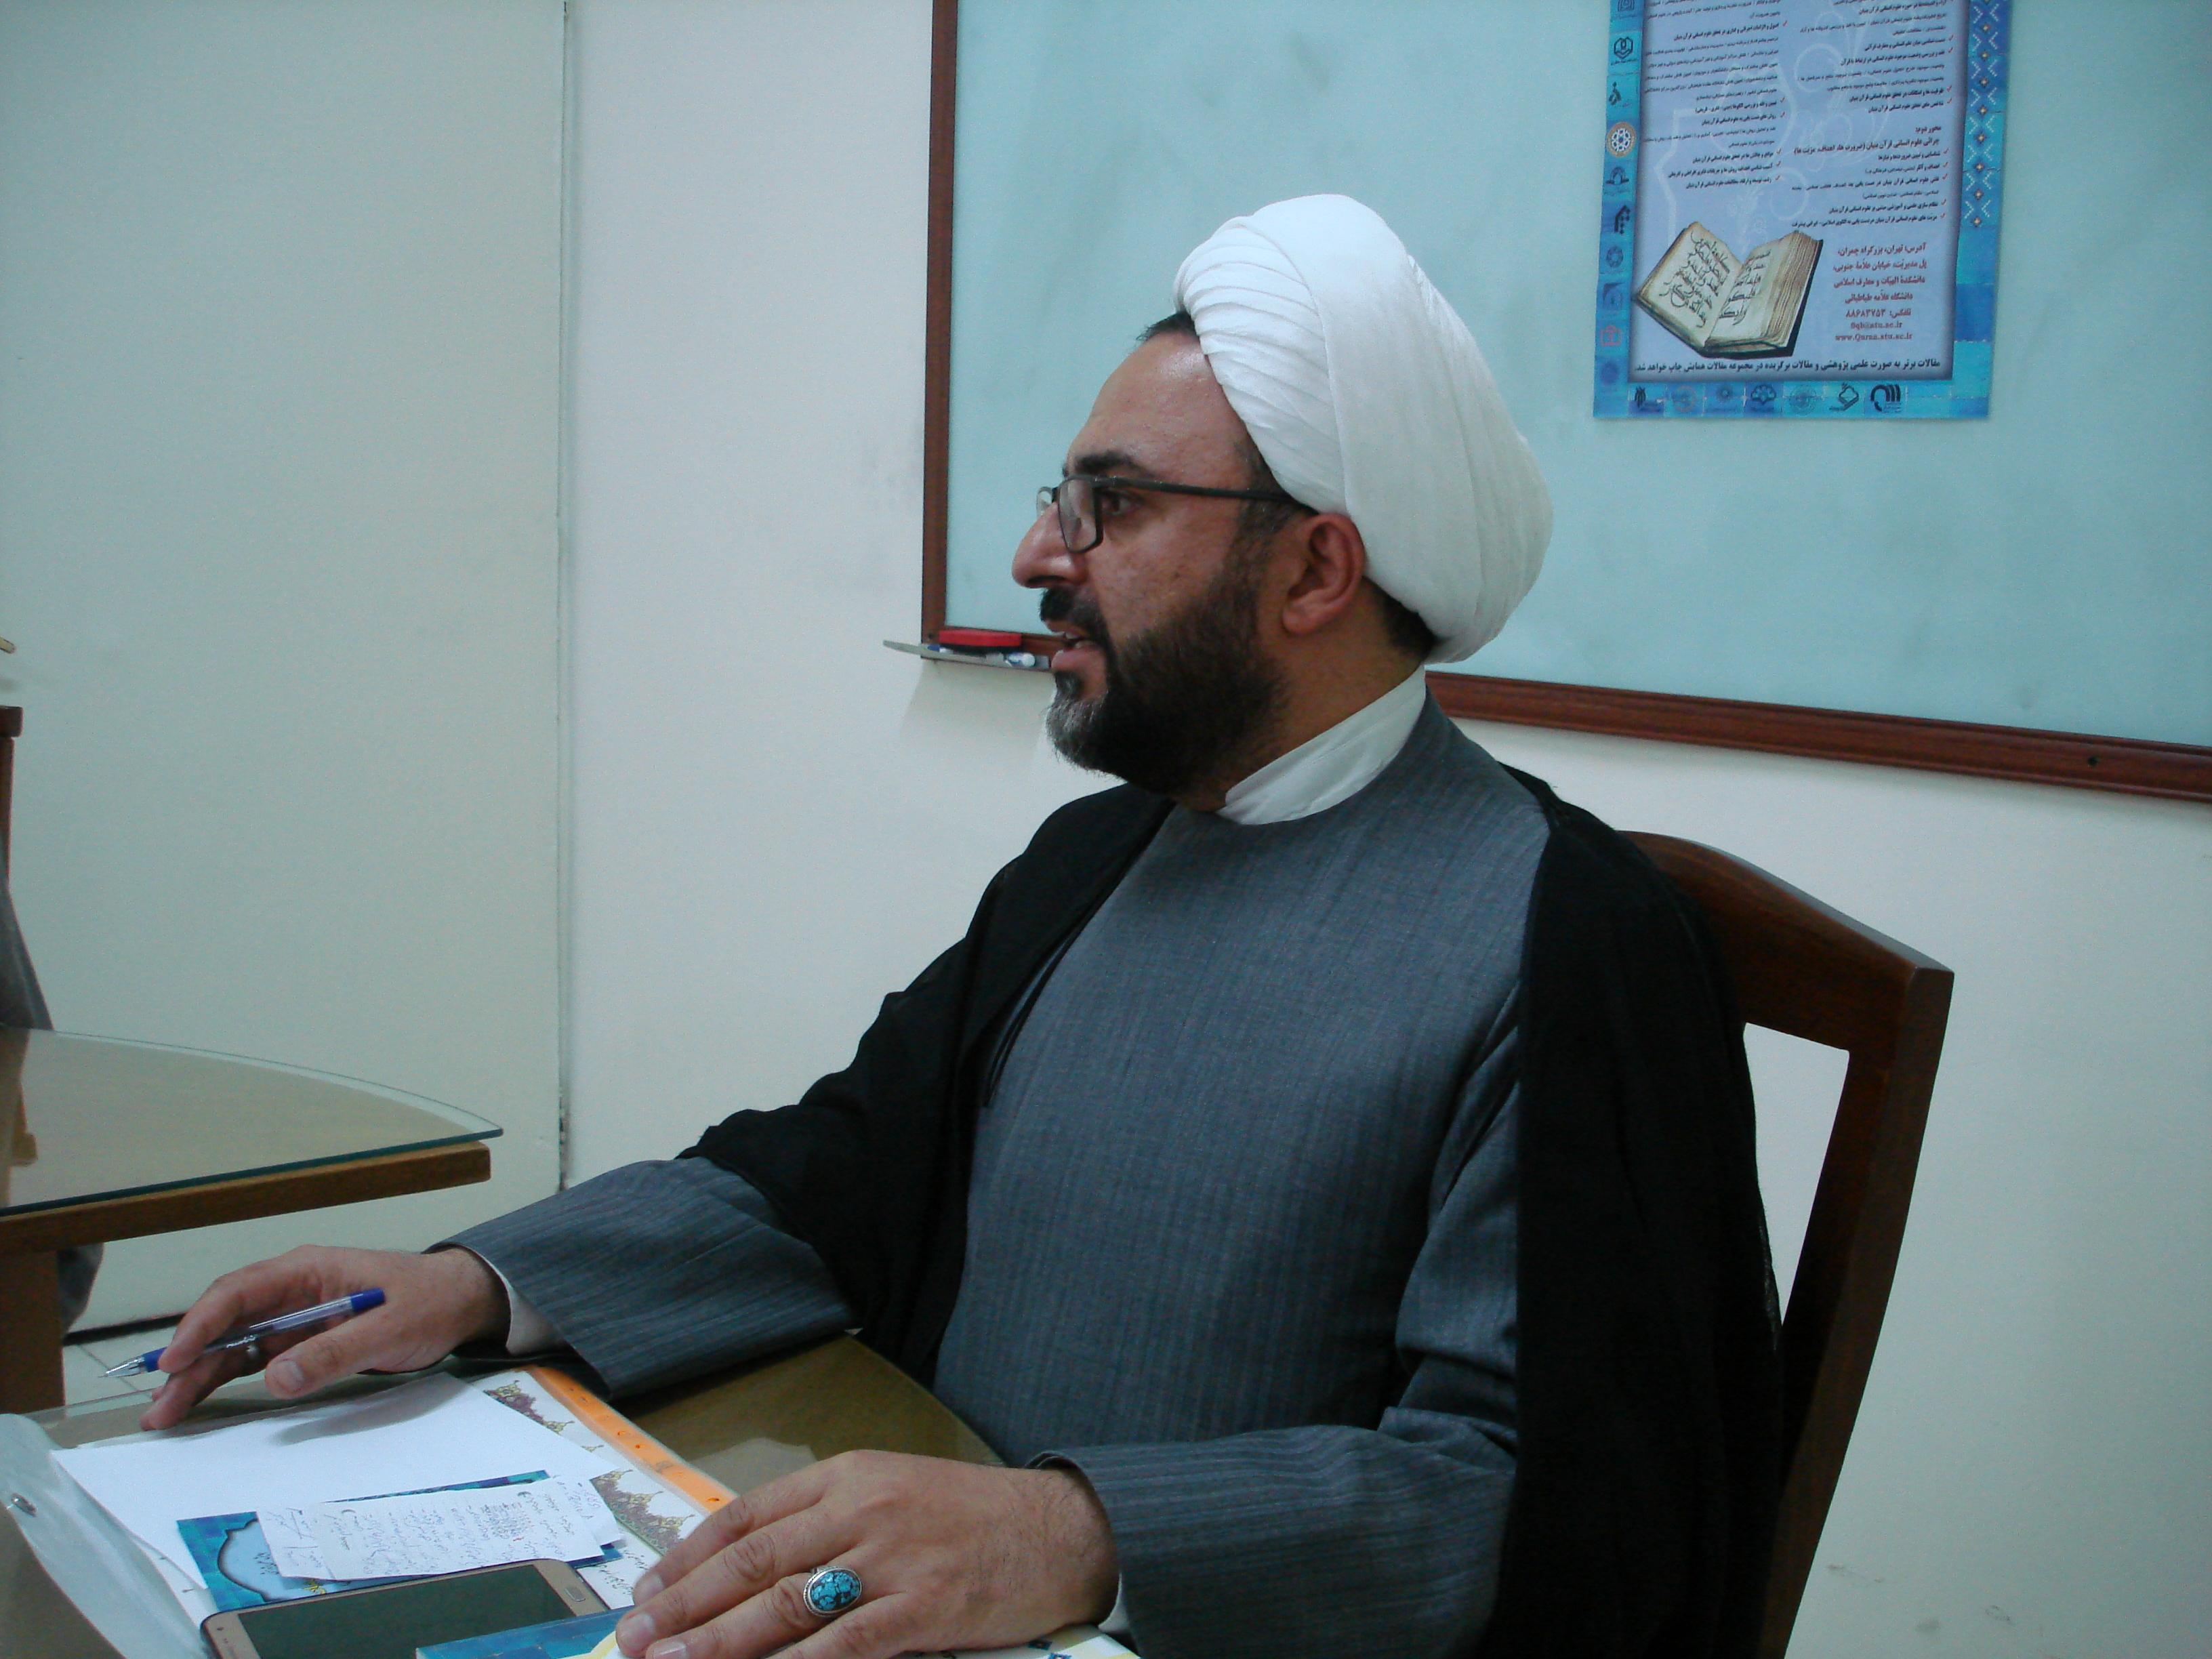 مصاحبه دبیر علمی همایش با خبرگزاری فارس